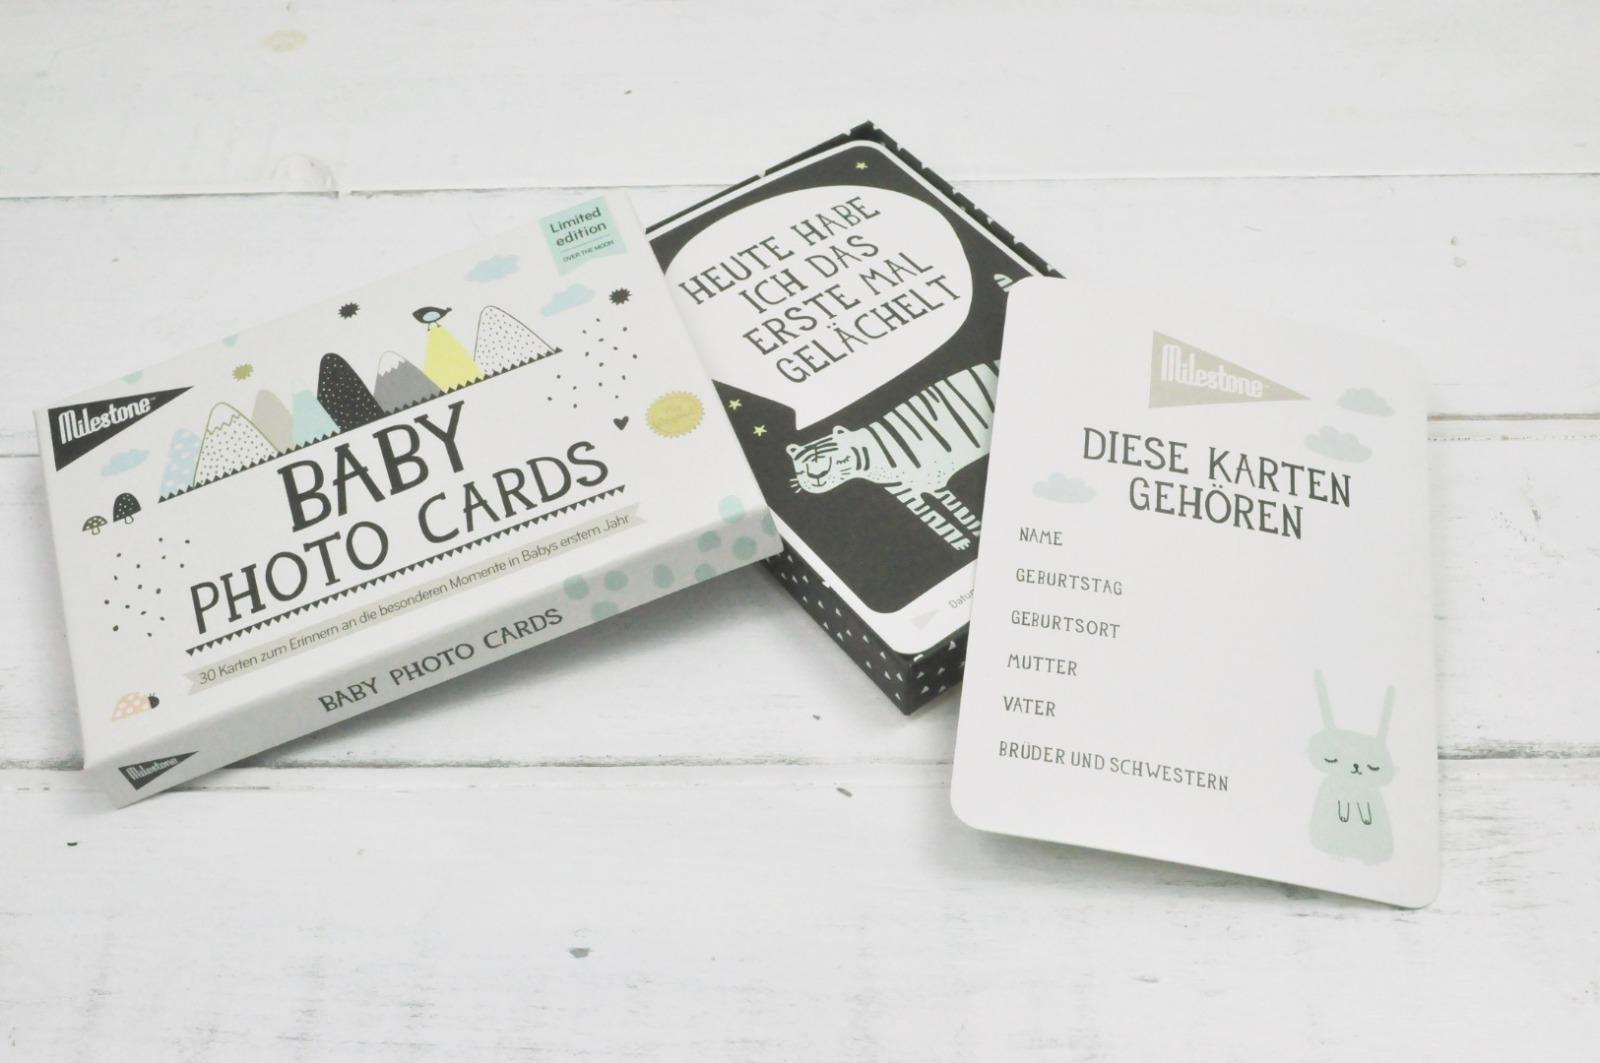 Baby Photo Cards von Milestone Over